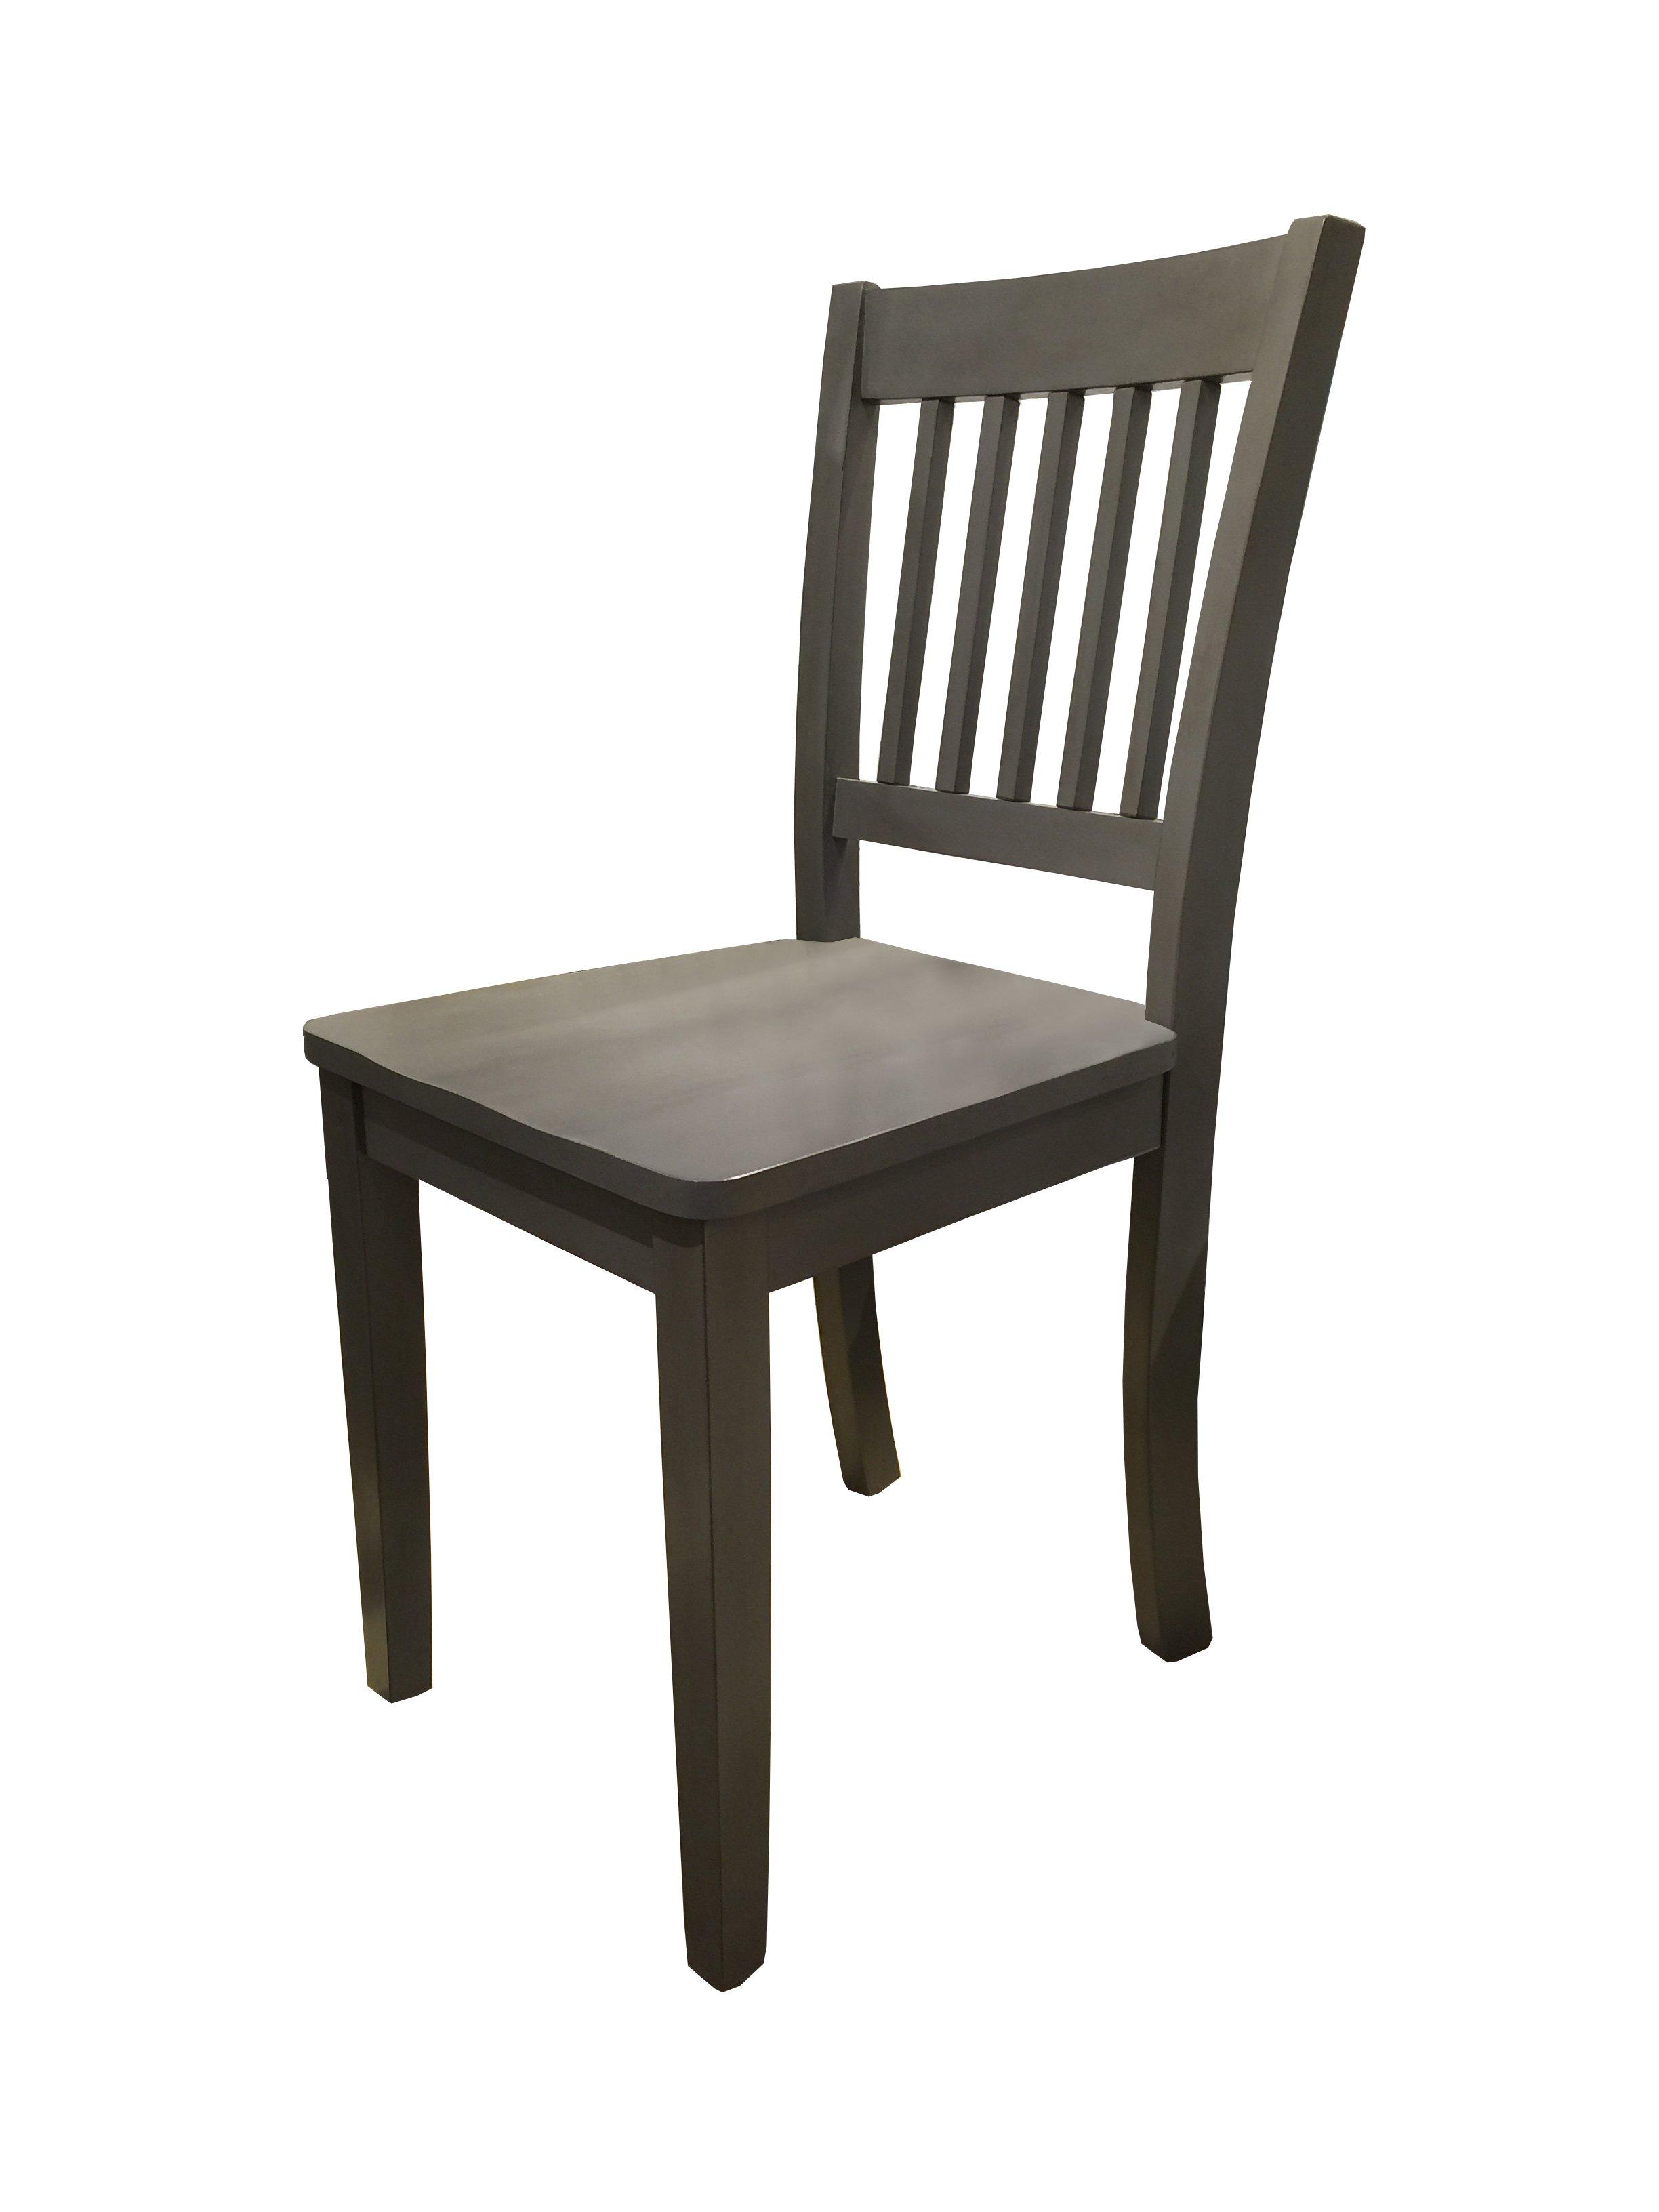 Lake House Chair